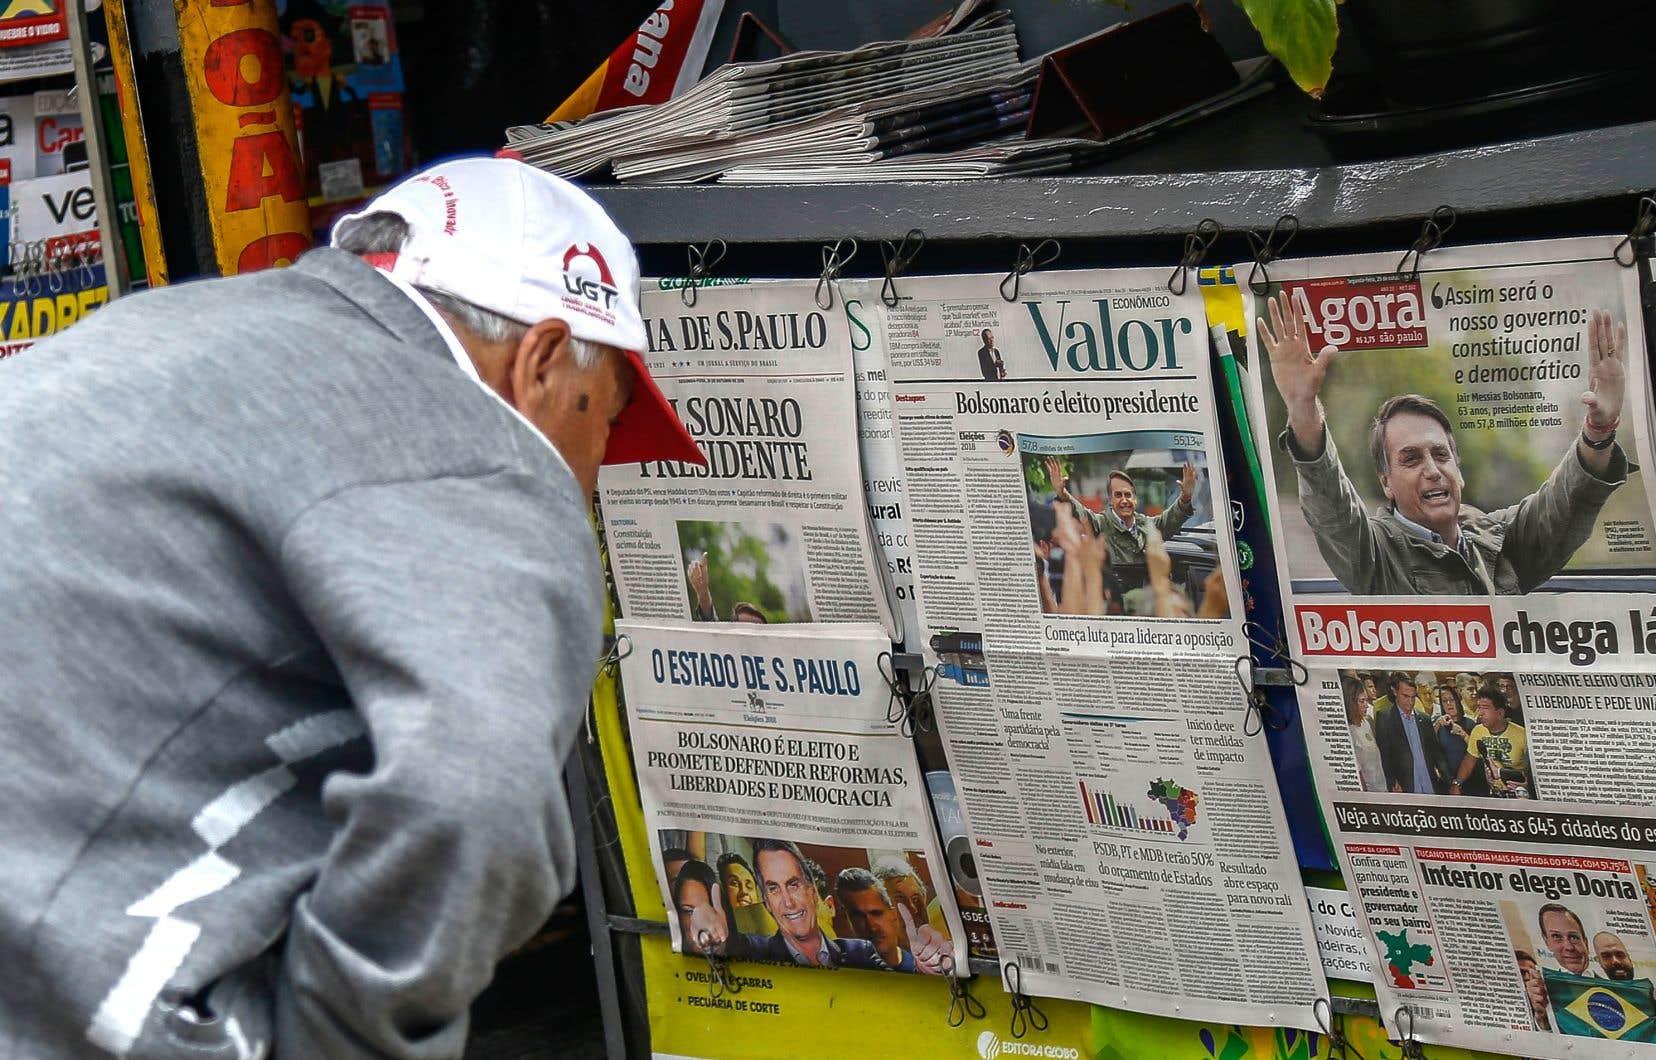 L'élection de Jair Bolsonaro au Brésilne fera pas nécessairement tache d'huile en Amérique latine, selon Philippe Faucher.